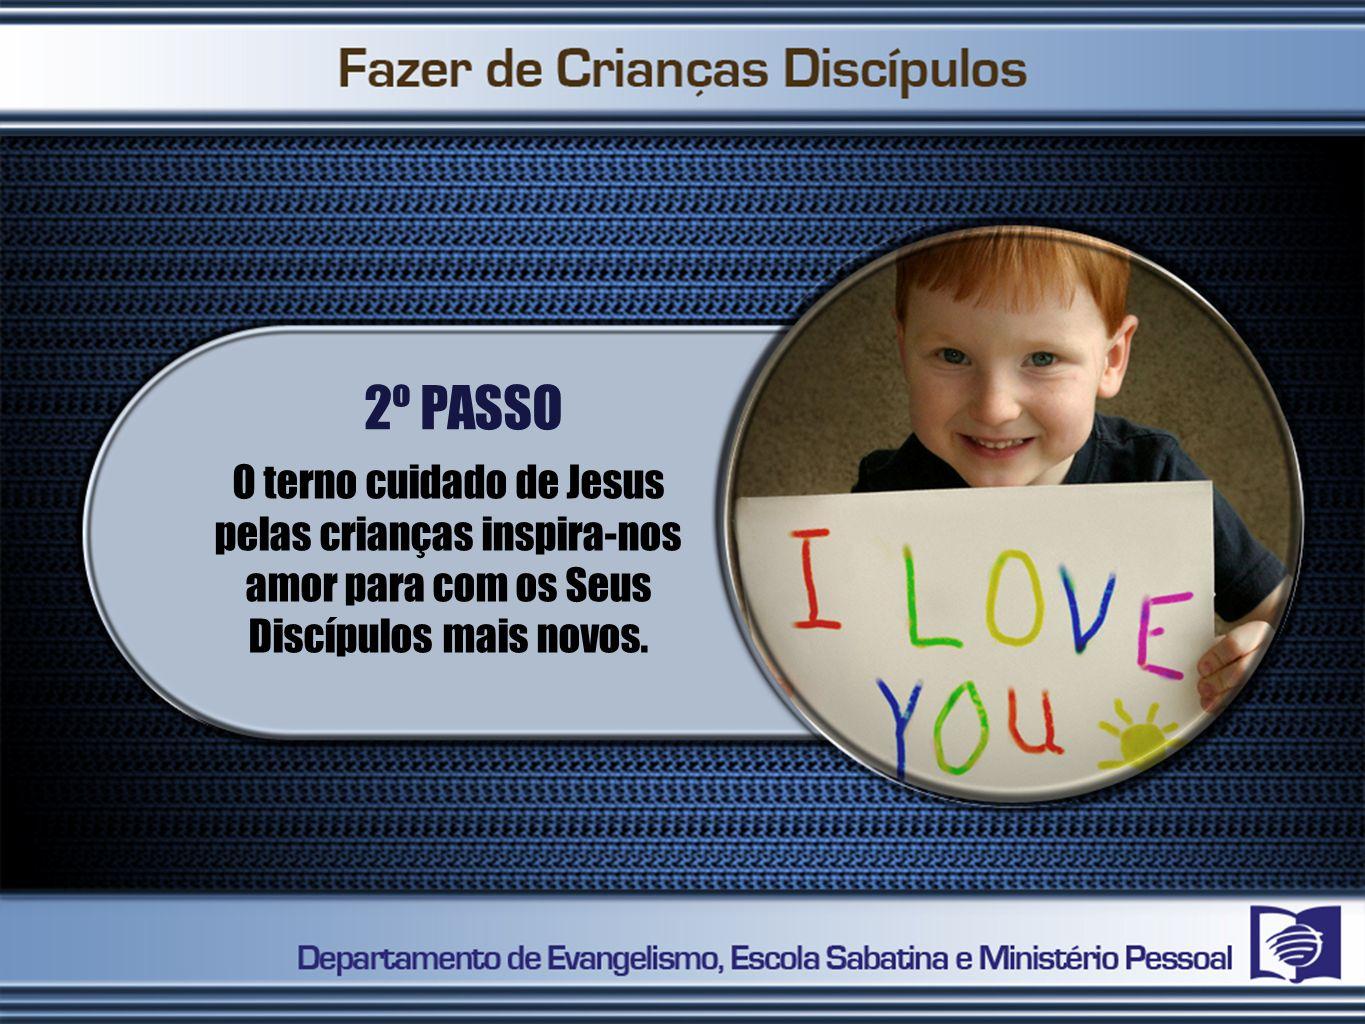 2º PASSO O terno cuidado de Jesus pelas crianças inspira-nos amor para com os Seus Discípulos mais novos.